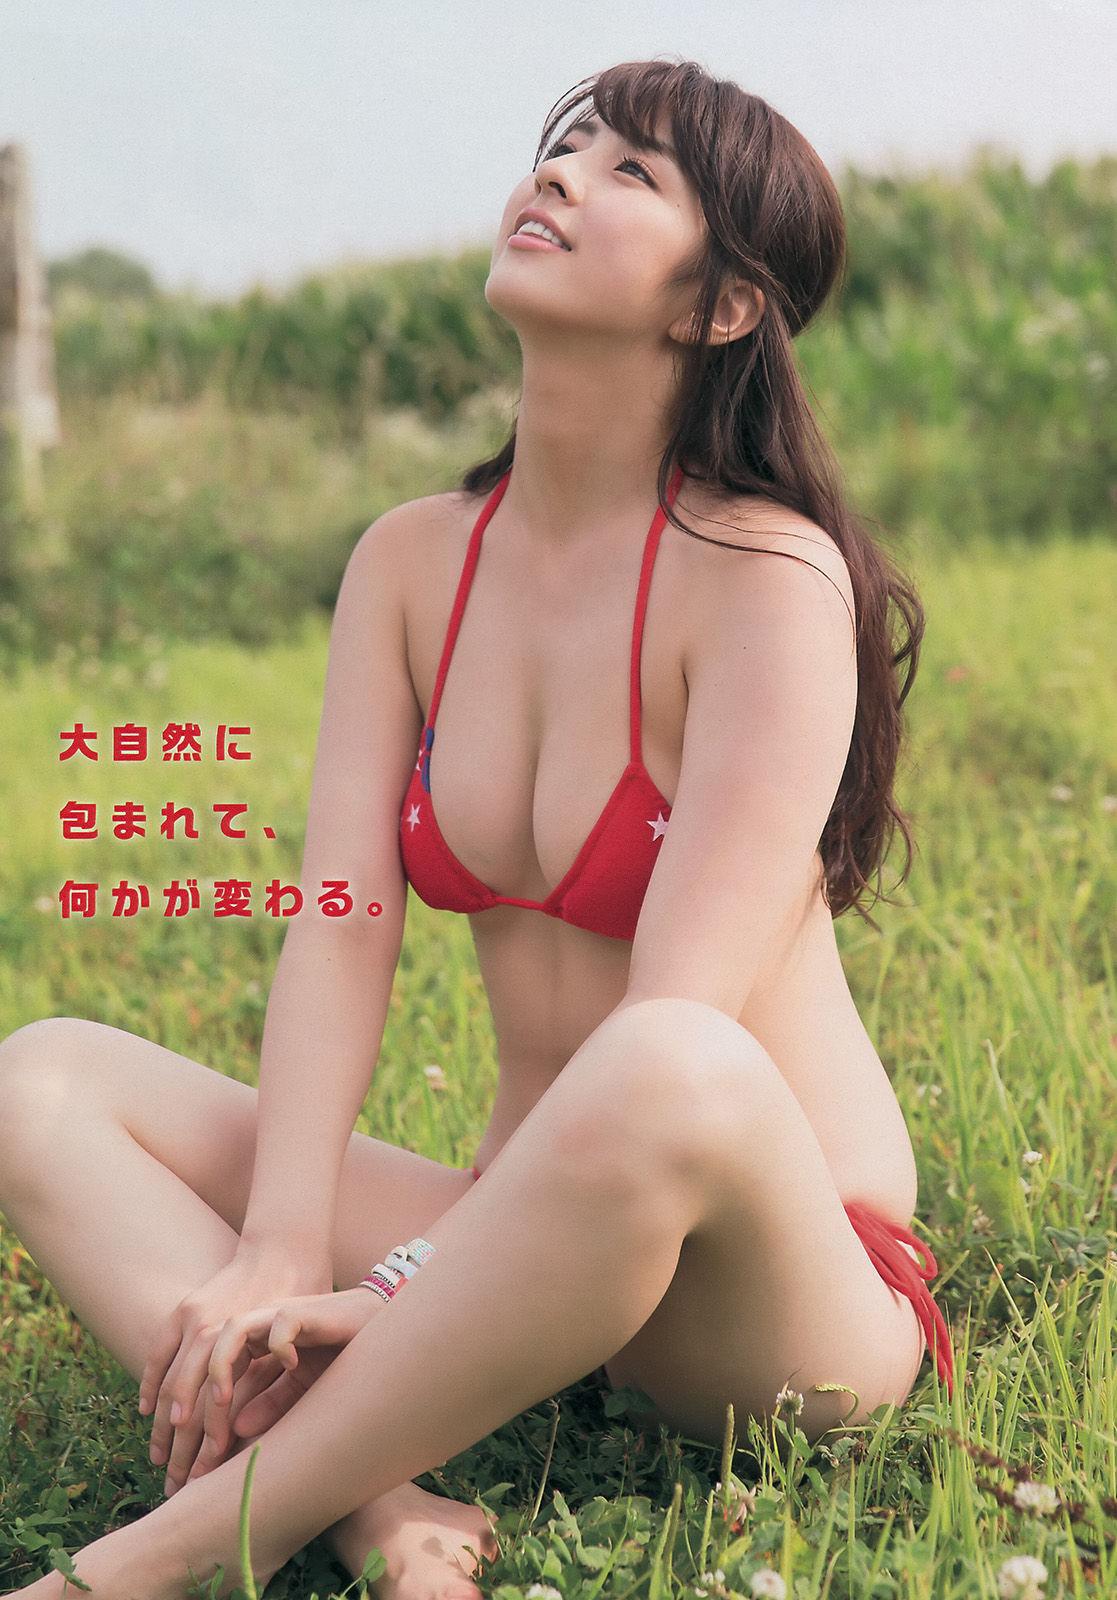 yuri菜5